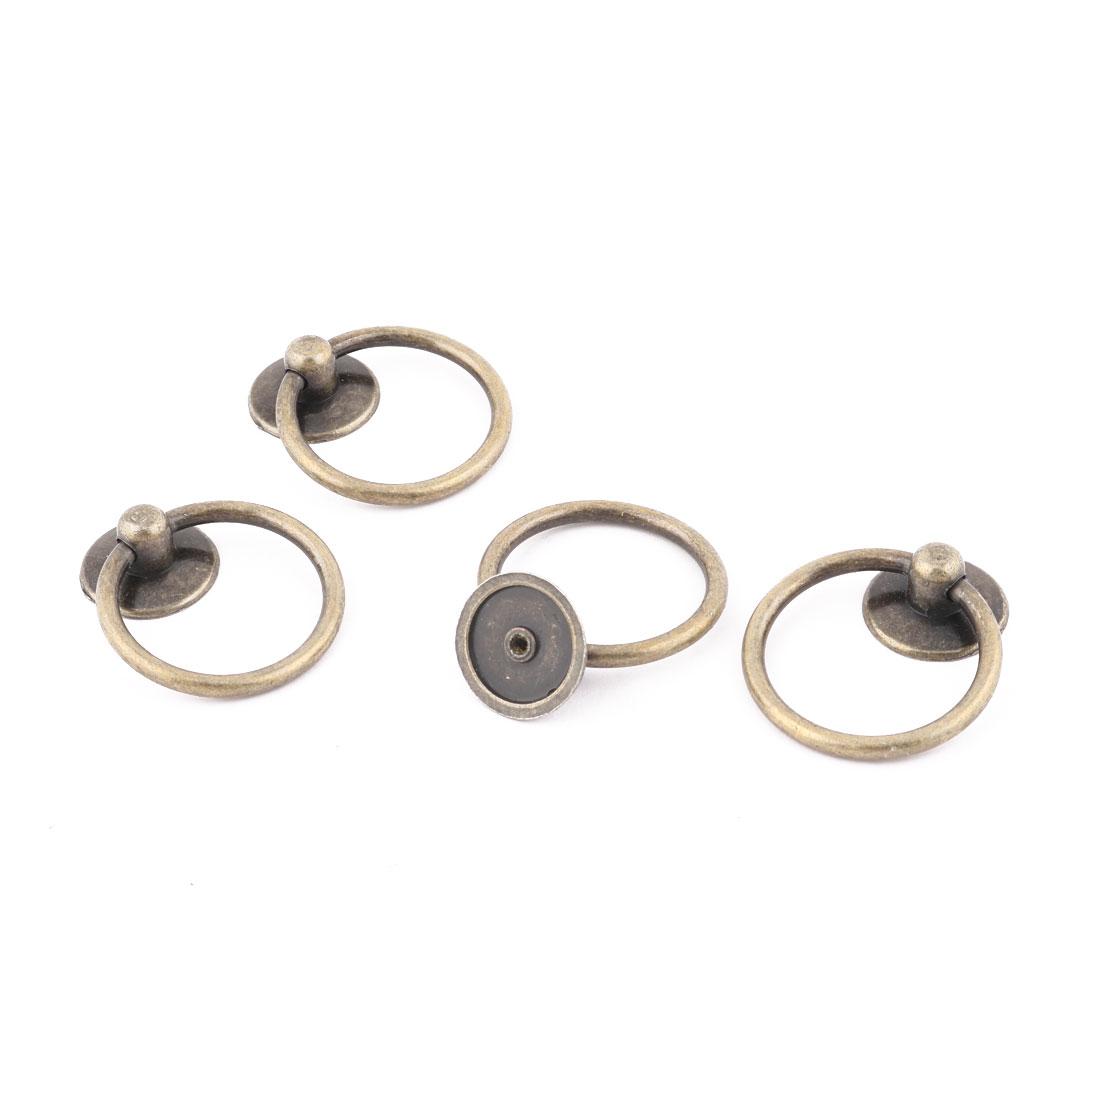 Home Metal Dresser Drawer Cabinet Cupboard Door Ring Pull Handle Bronze Tone 4 Pcs